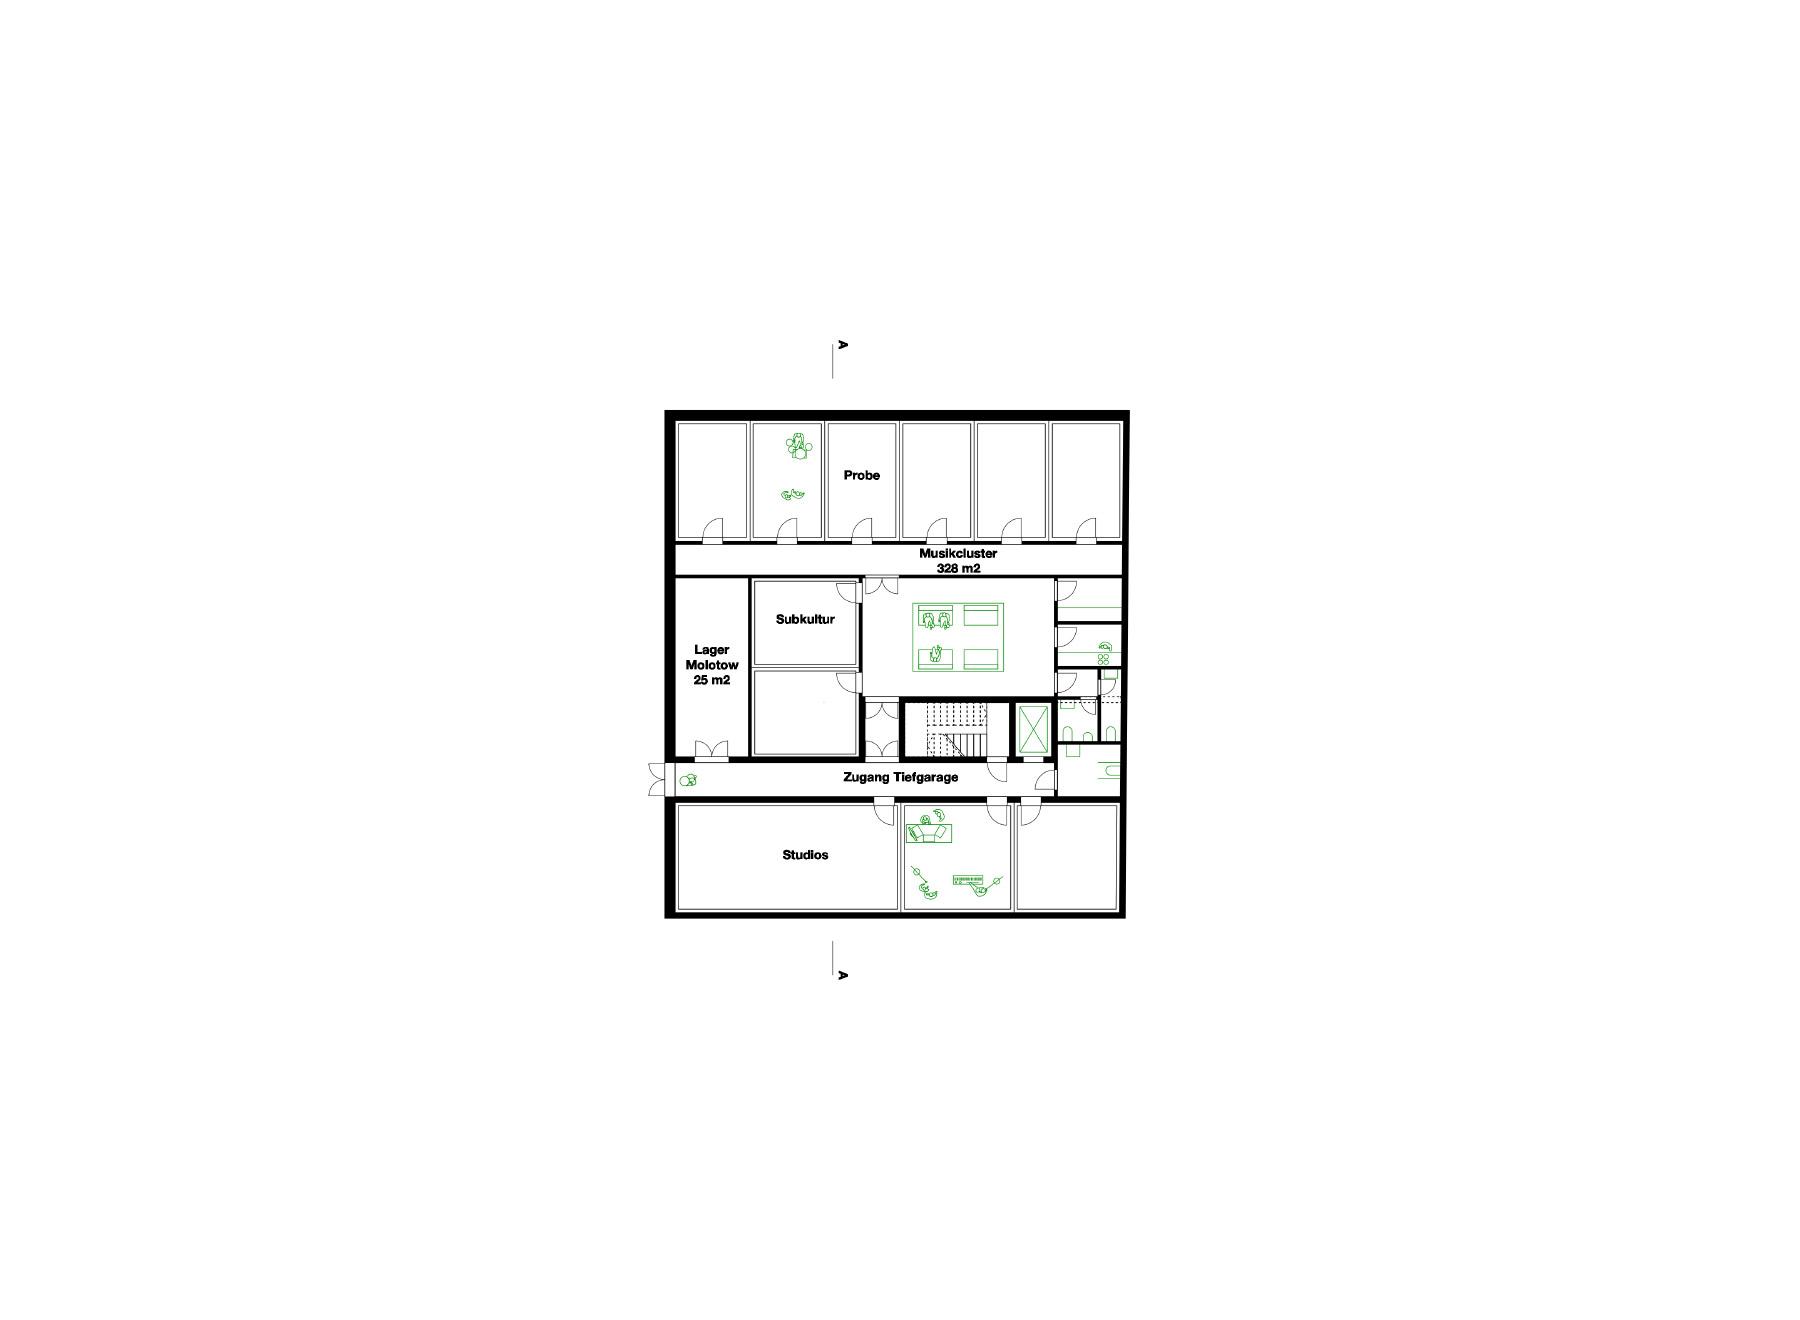 third basement floor